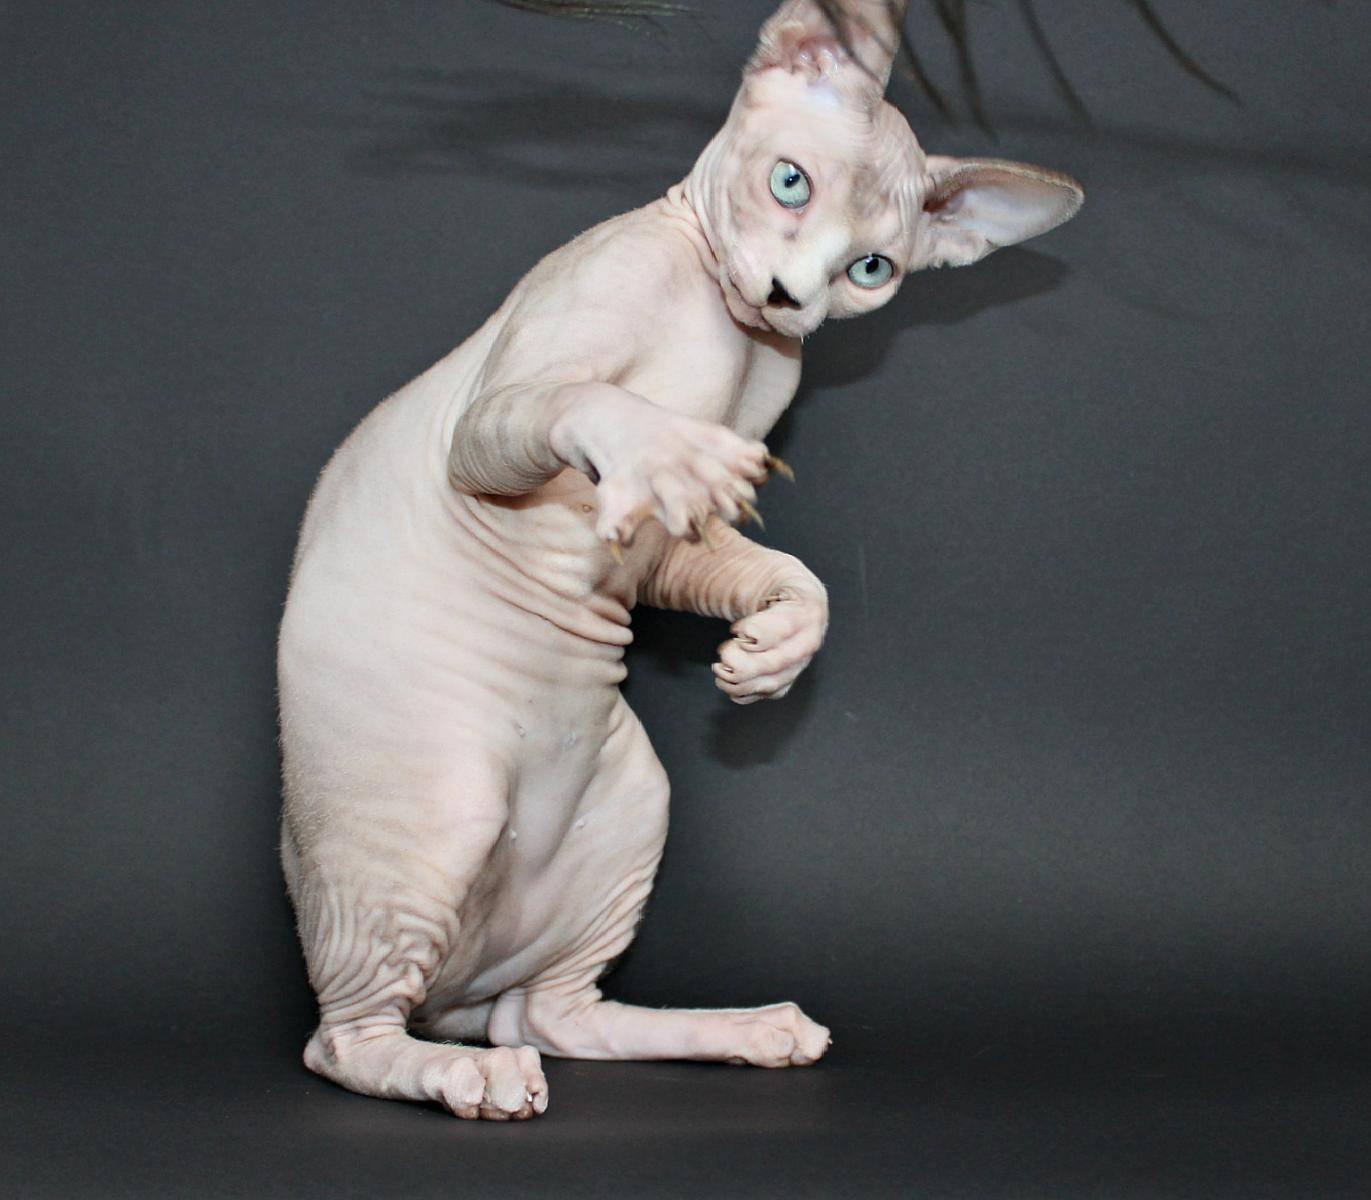 Сколько живут сфинксы? продолжительность жизни стерилизованных и кастрированных котов породы сфинкс. отличается ли срок жизни донских и других разновидностей сфинксов?